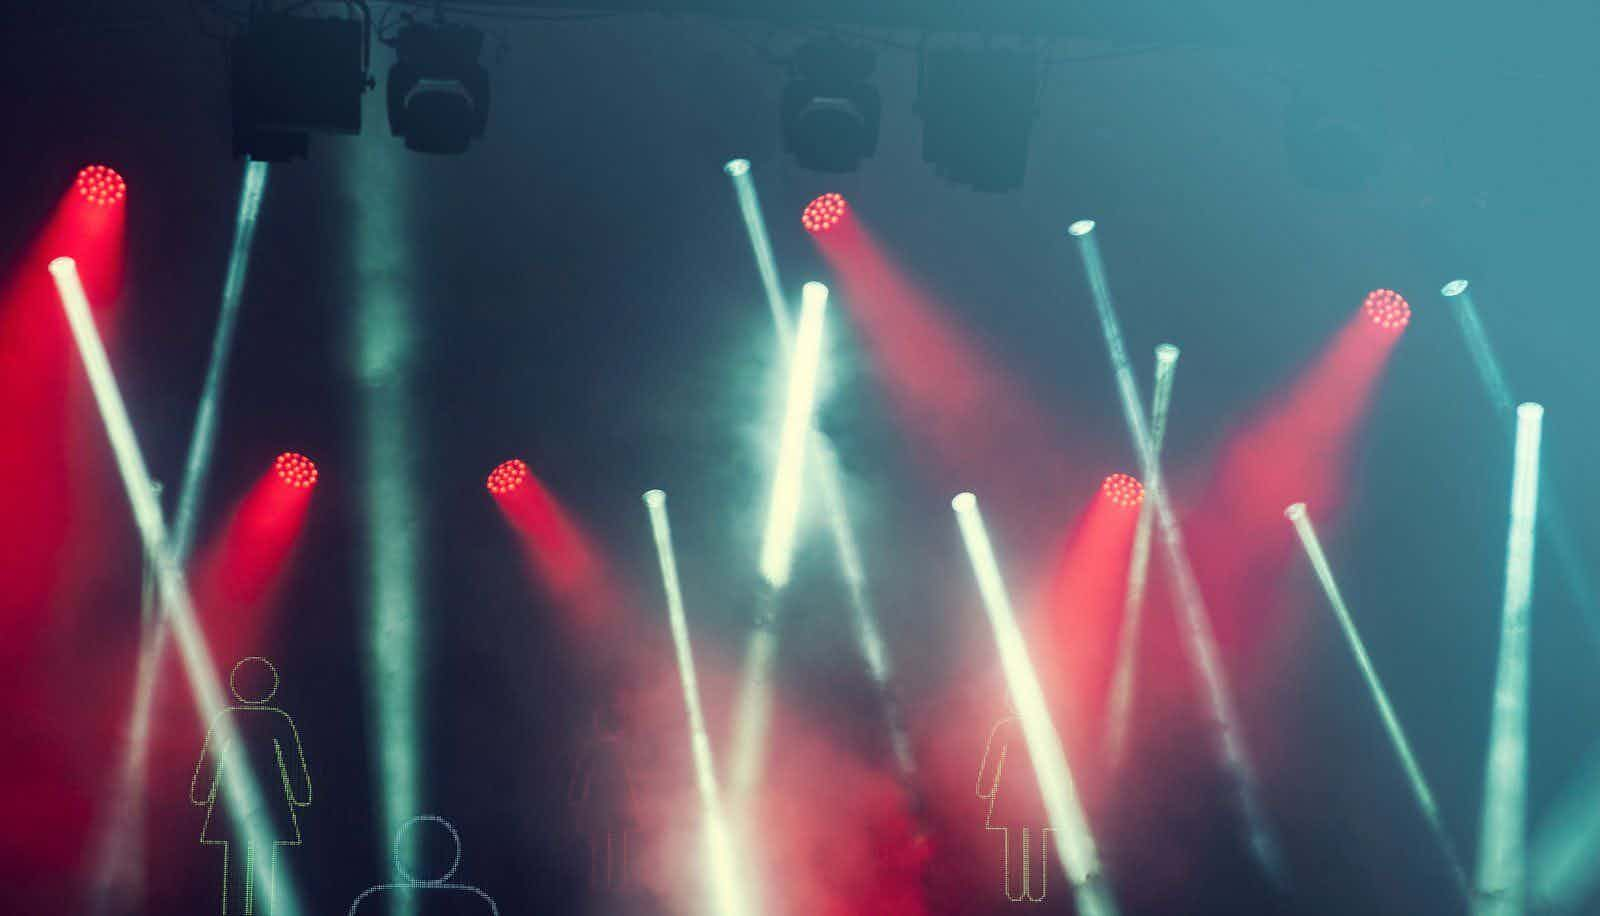 laser-show-licht.jpg